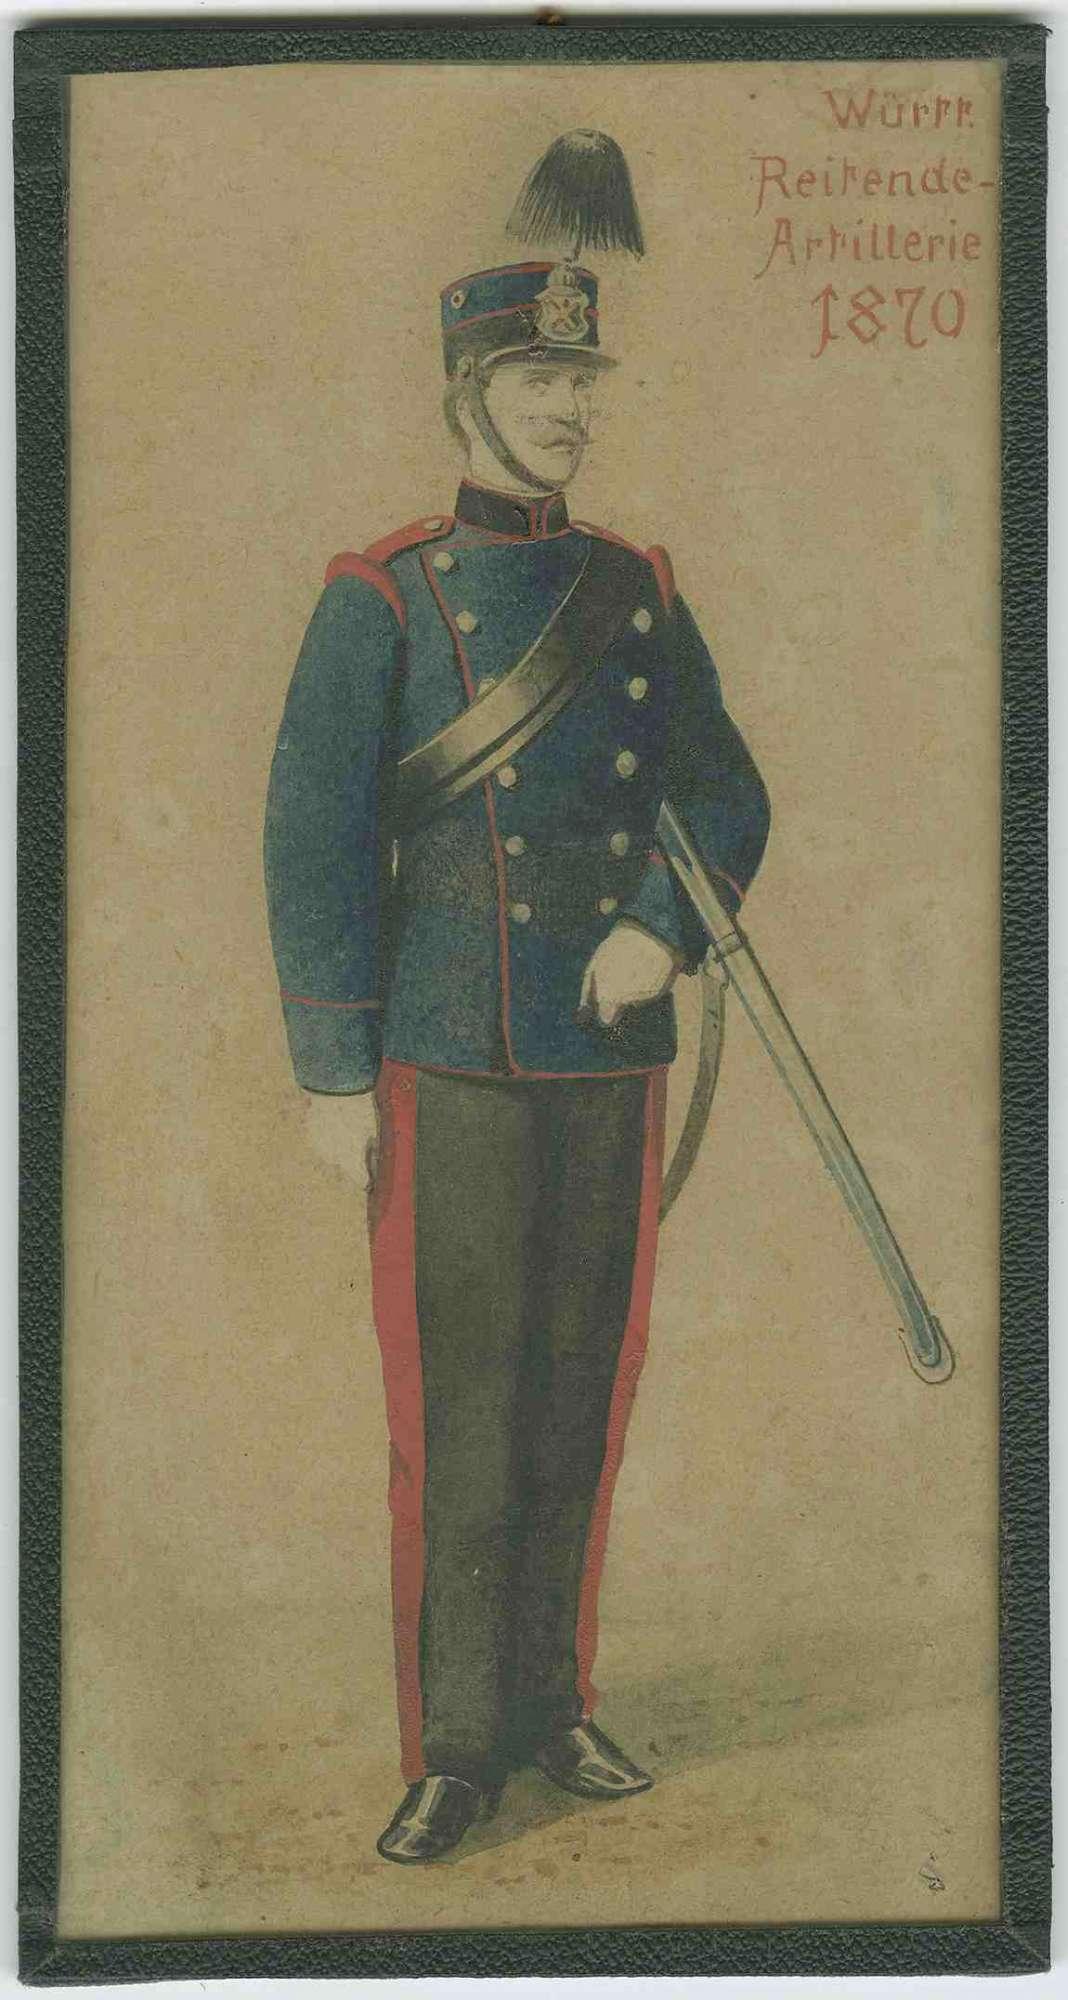 Soldat der Württ. Reitenden Artillerie 1870 in Uniform mit Mütze, Bild 1